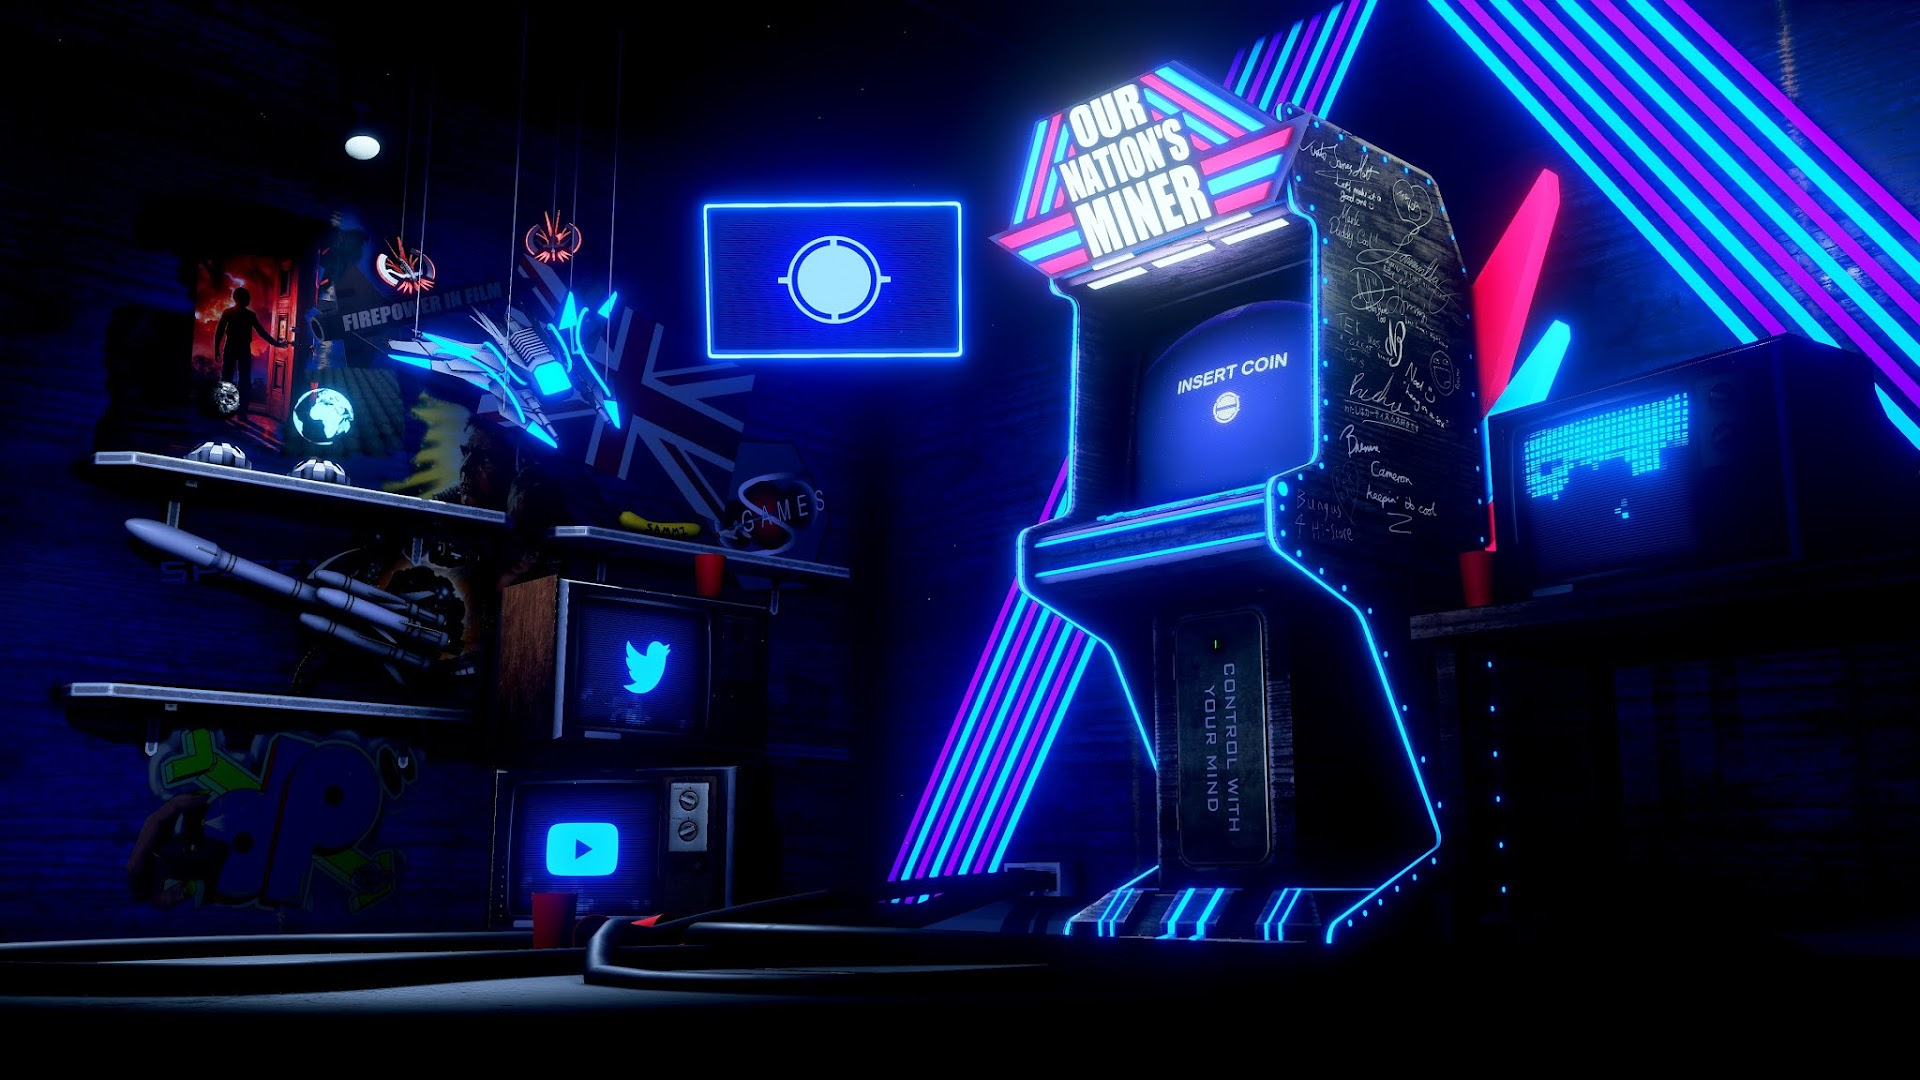 Wallpaper 4k Arcade Game Heroscreen Cool Wallpapers